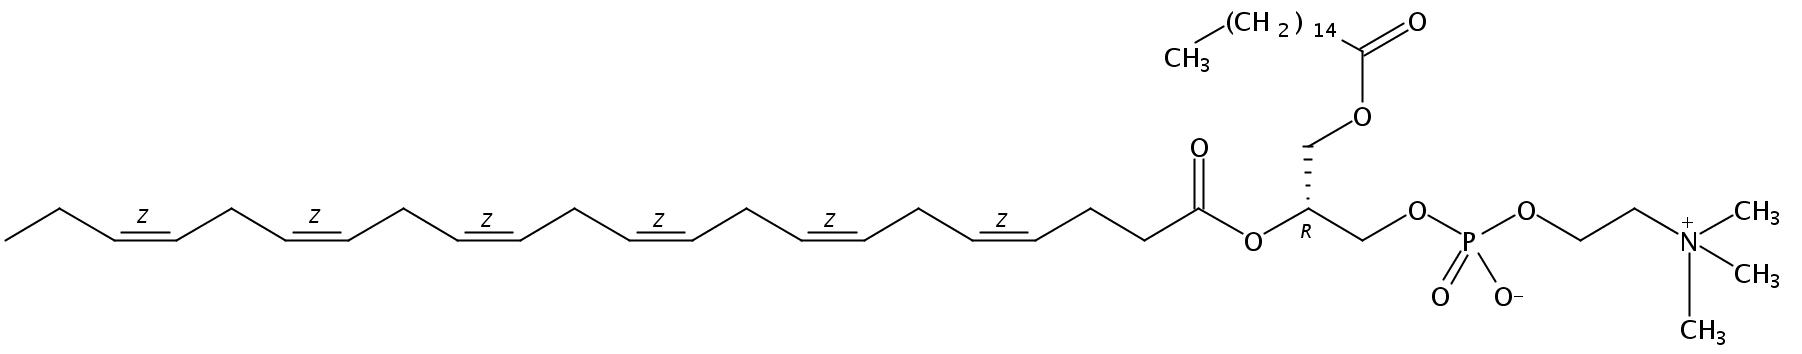 1-Palmitoyl-2-Docosahexenoyl-sn-Glycero-3-Phosphatidylcholine